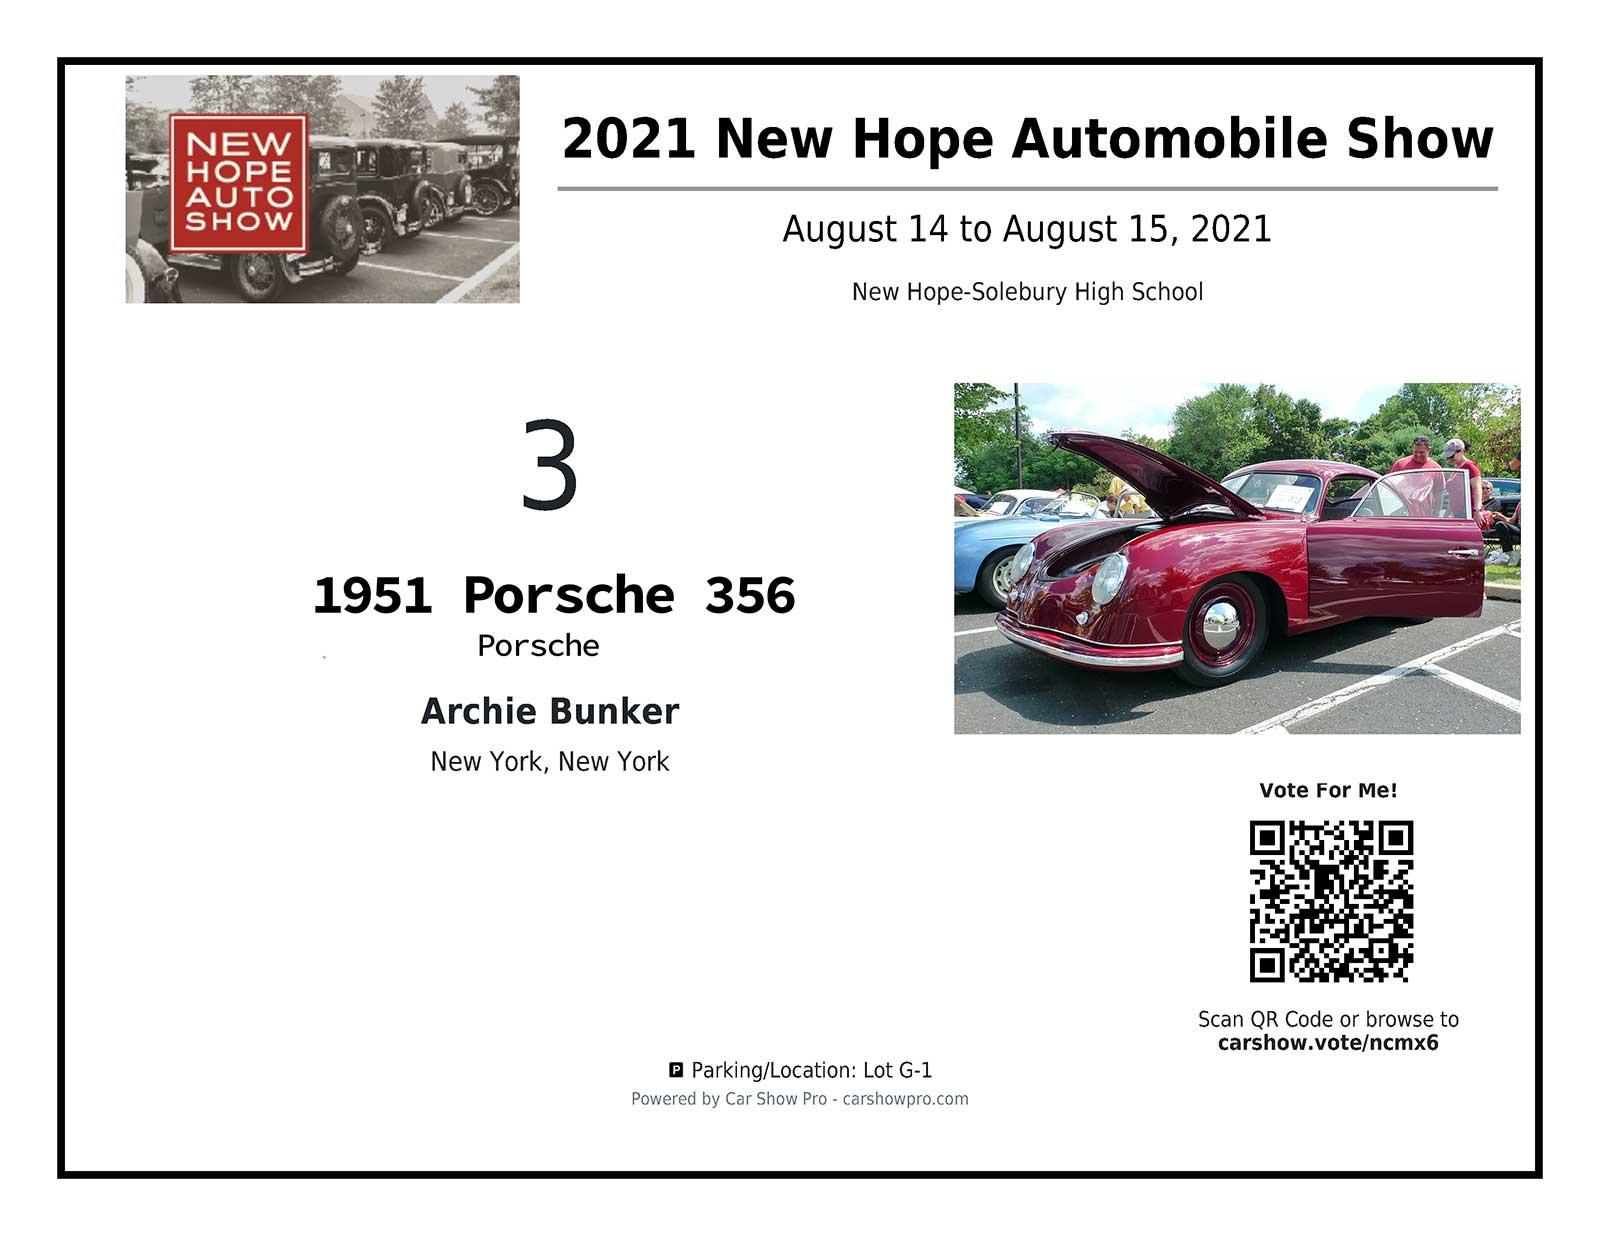 Dashcard Porsche 356 example